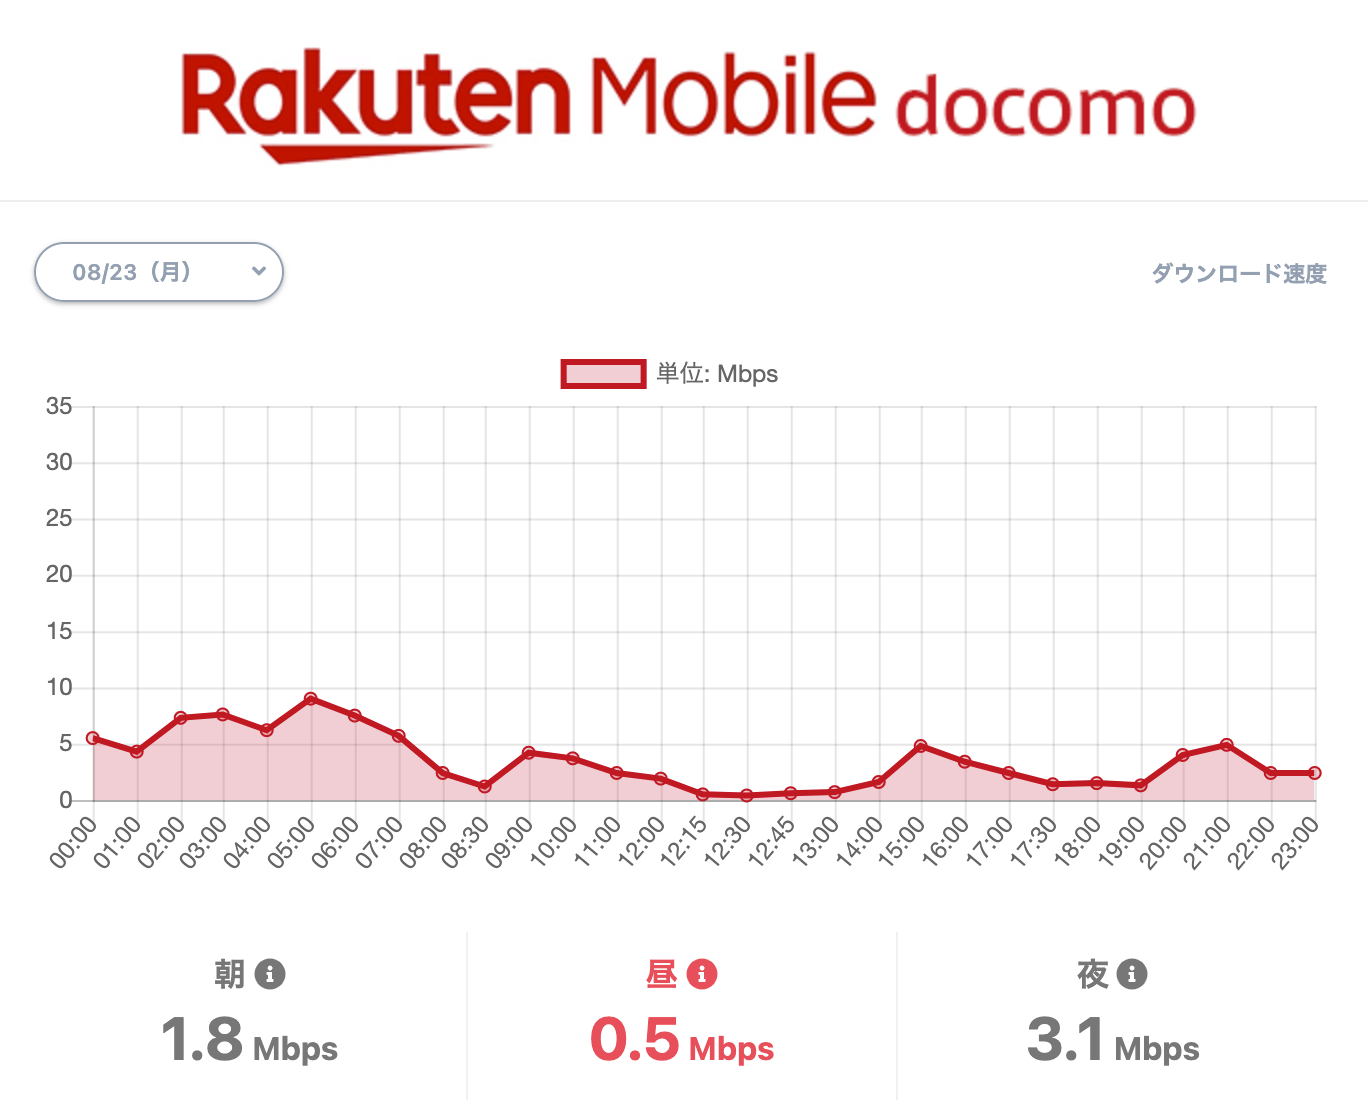 楽天モバイルの通信速度について